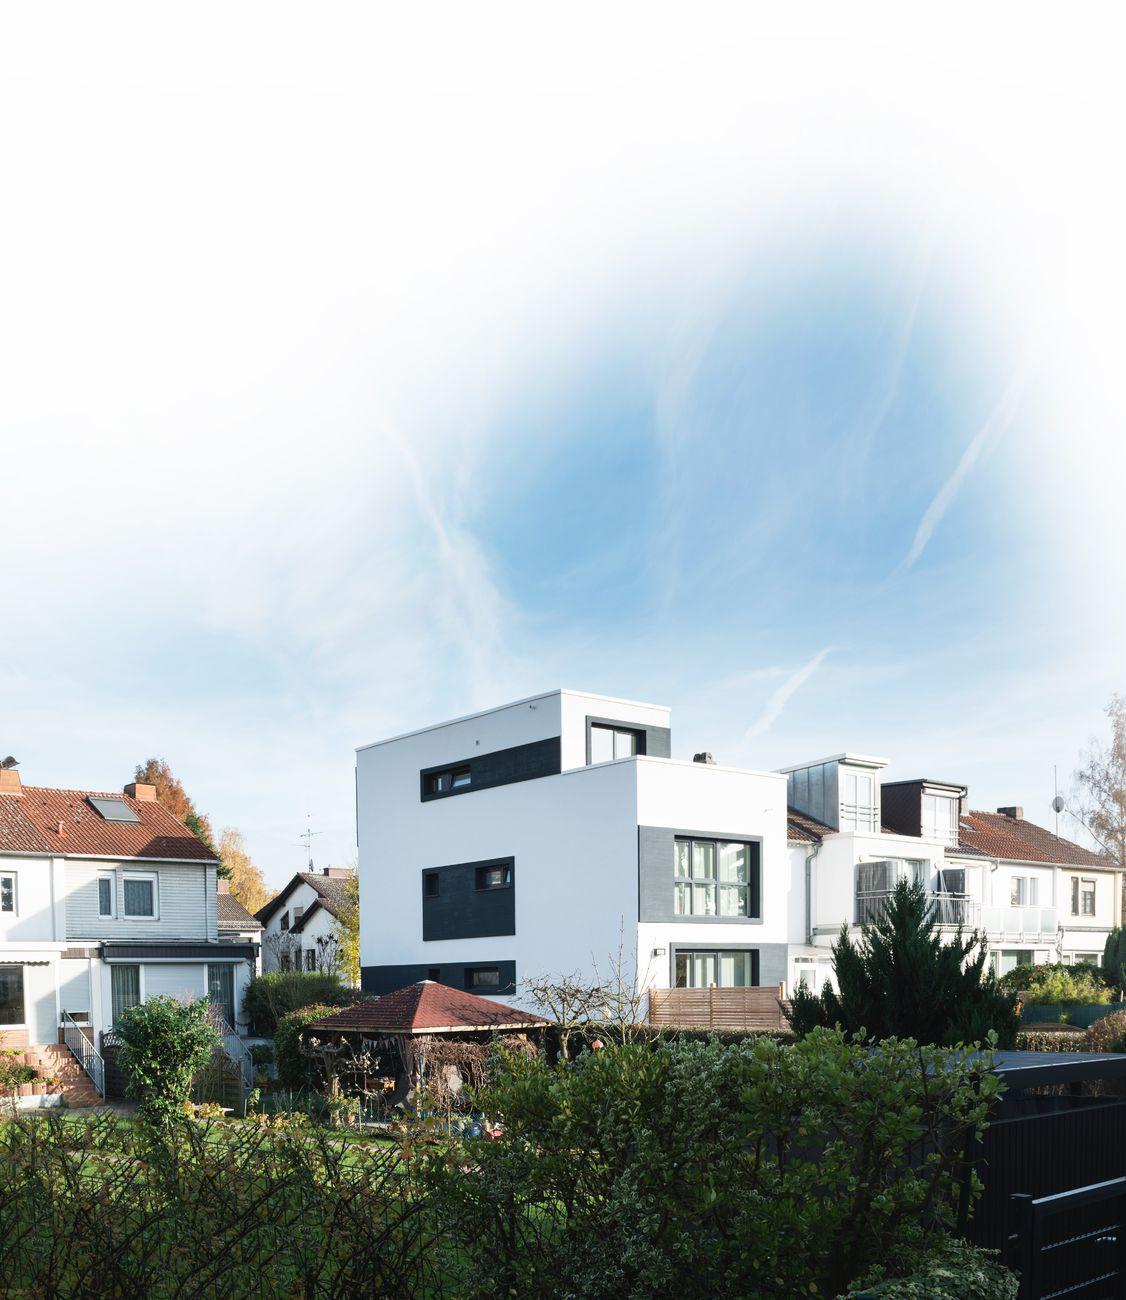 Wohnraumerweiterung eines Reihenendhauses, Frankfurt am Main - Rödelheim, Deutschland